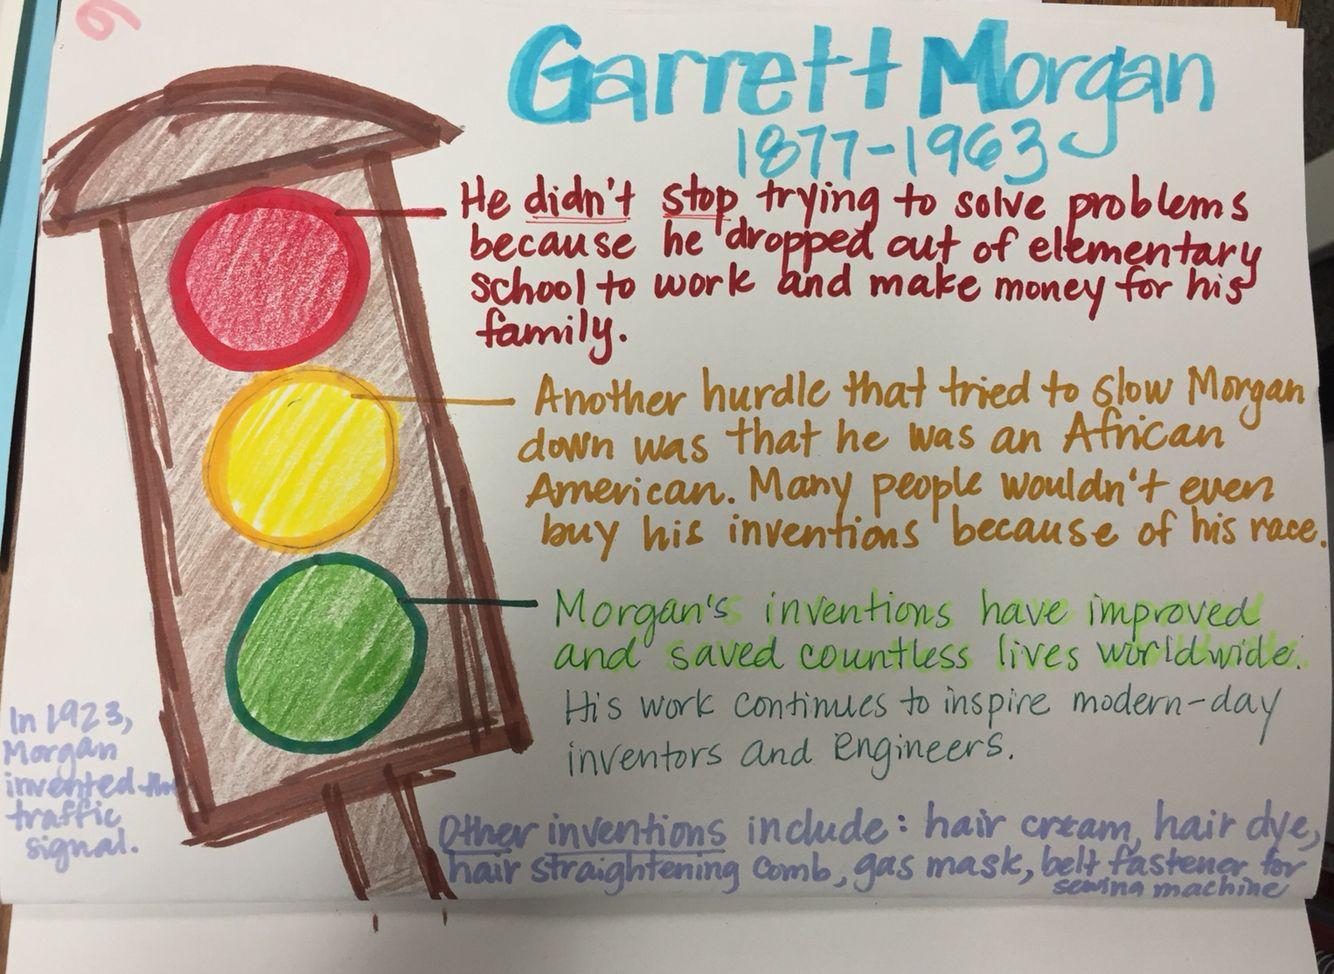 Garrett morgan inventor black history month activities pre k activities reading activities